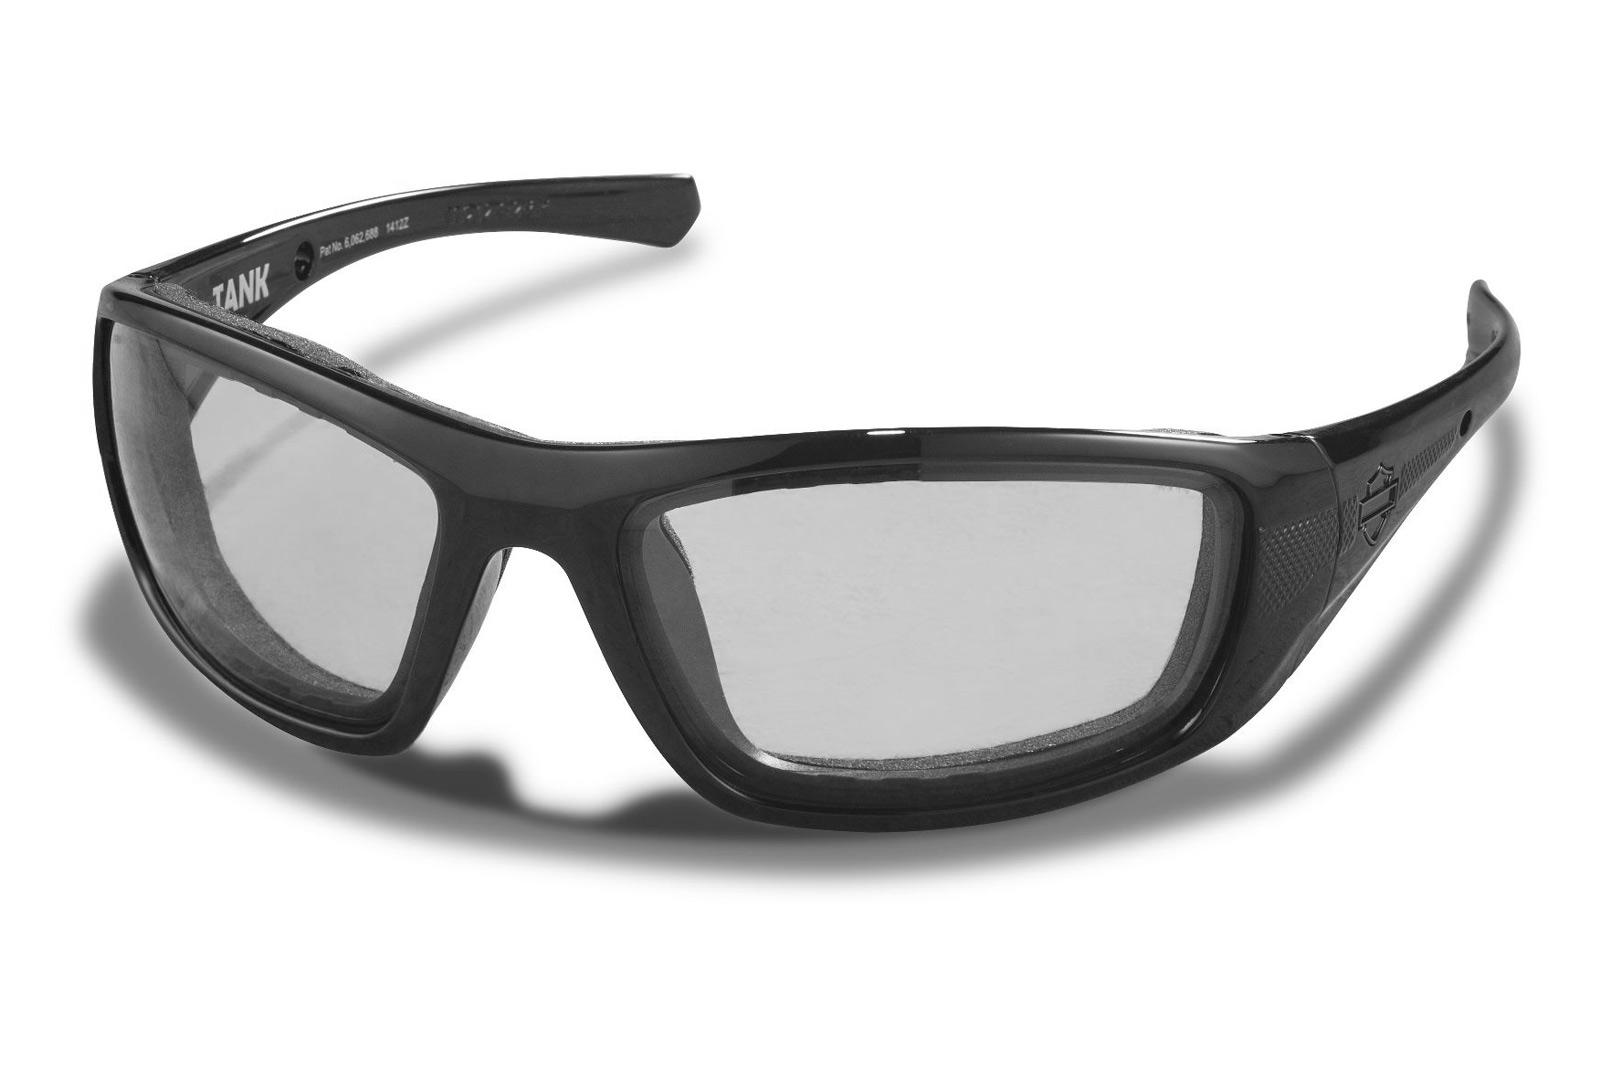 c23345d41c88 ... H-D Motorclothes Harley-Davidson Wiley X Glasses Tank LA, smoke grey /  matte black ...